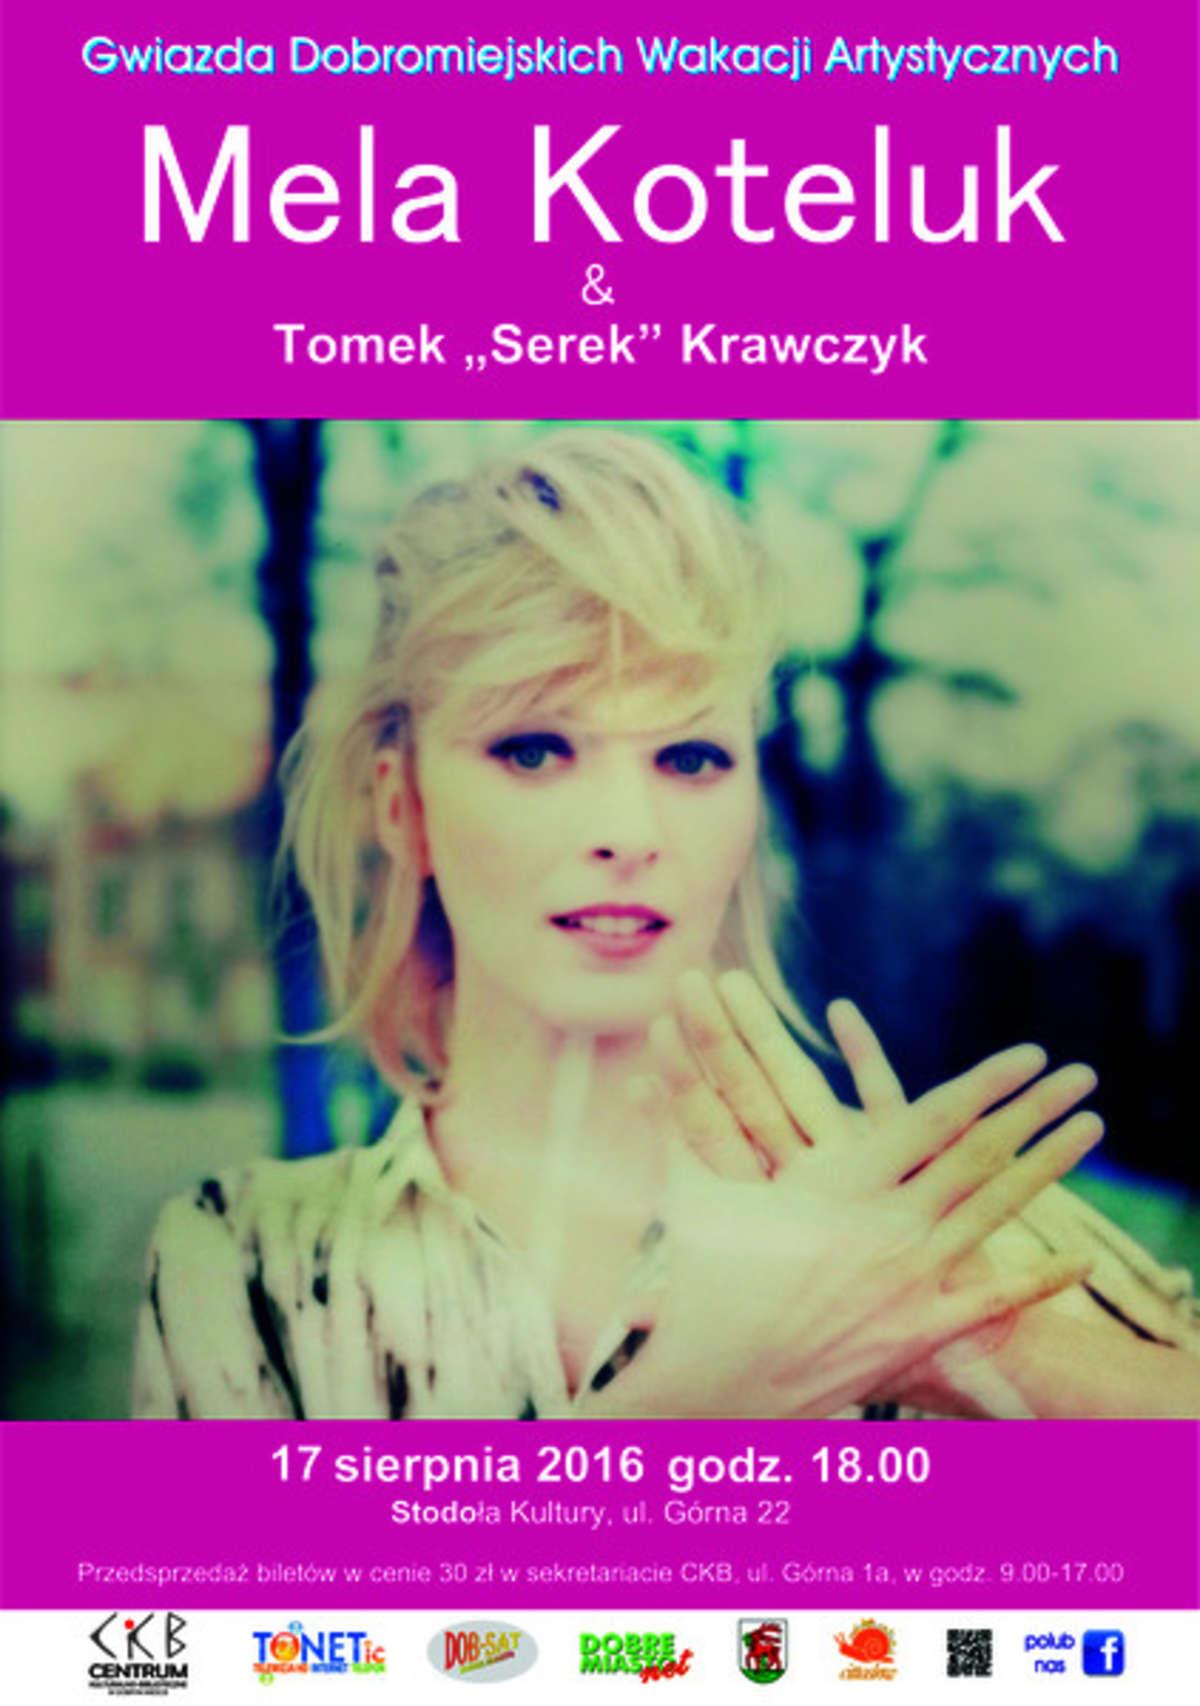 """Dobromiejskie Wakacje  Artystyczne: na scenie Mela Koteluk & Tomasz """"Serek"""" Krawczyk  - full image"""